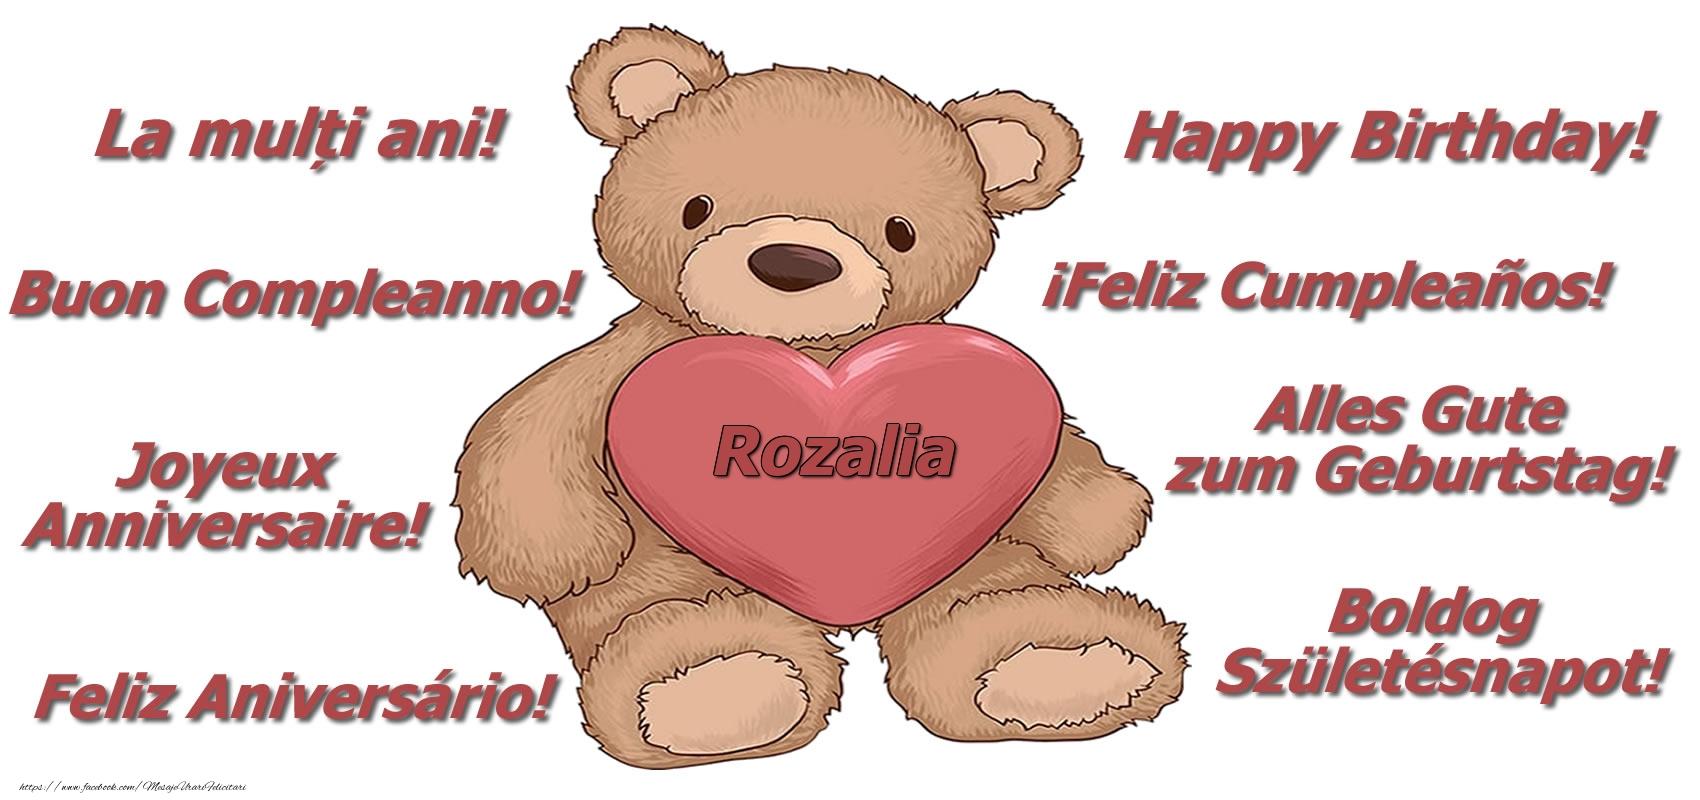 Felicitari de zi de nastere - La multi ani Rozalia! - Ursulet